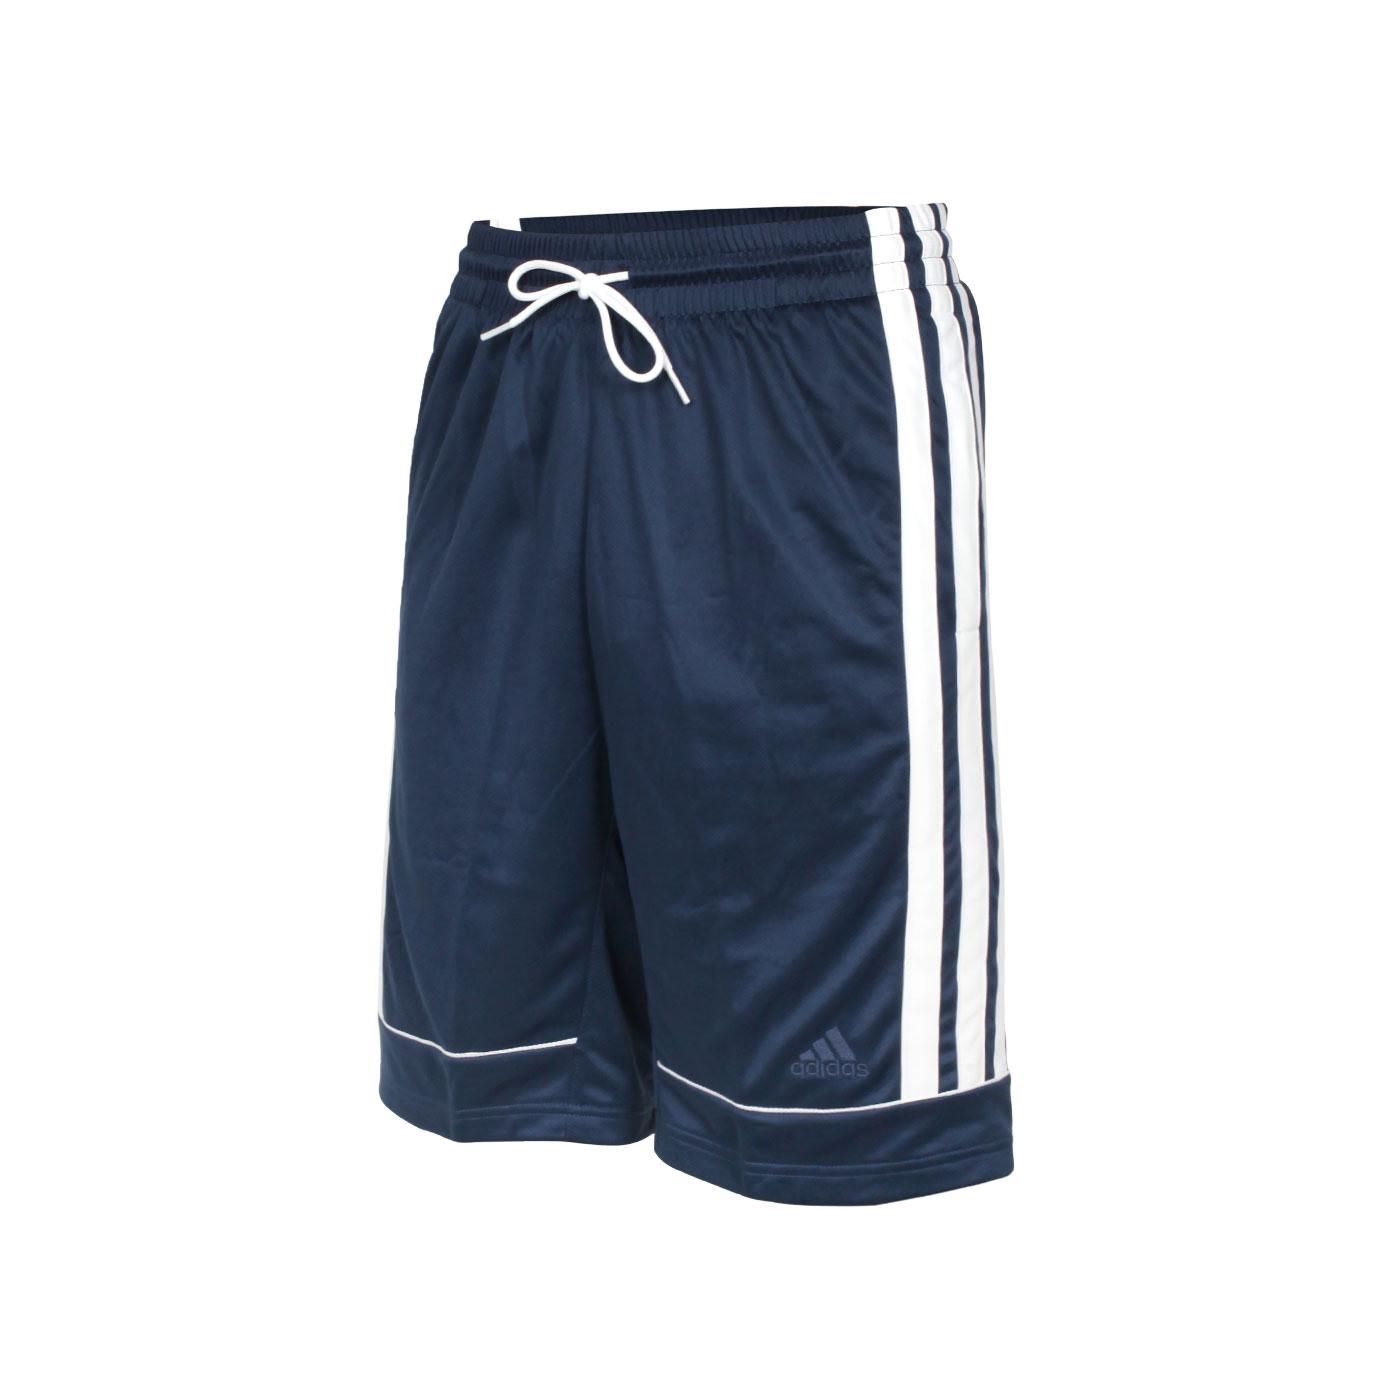 ADIDAS 男款運動短褲 GU0738 - 深藍白